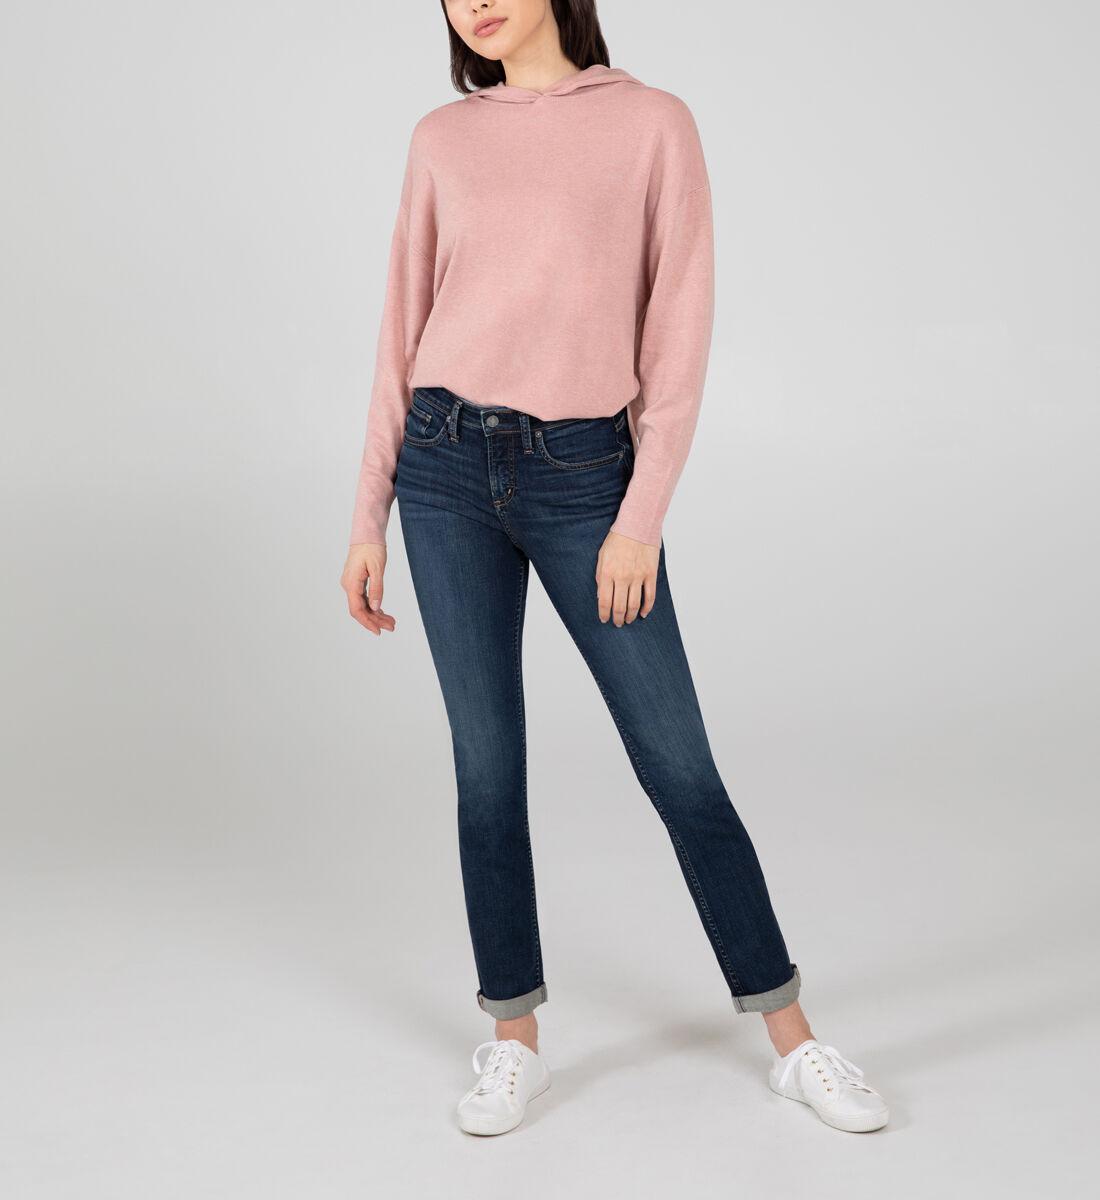 Beau Mid Rise Slim Leg Jeans Front